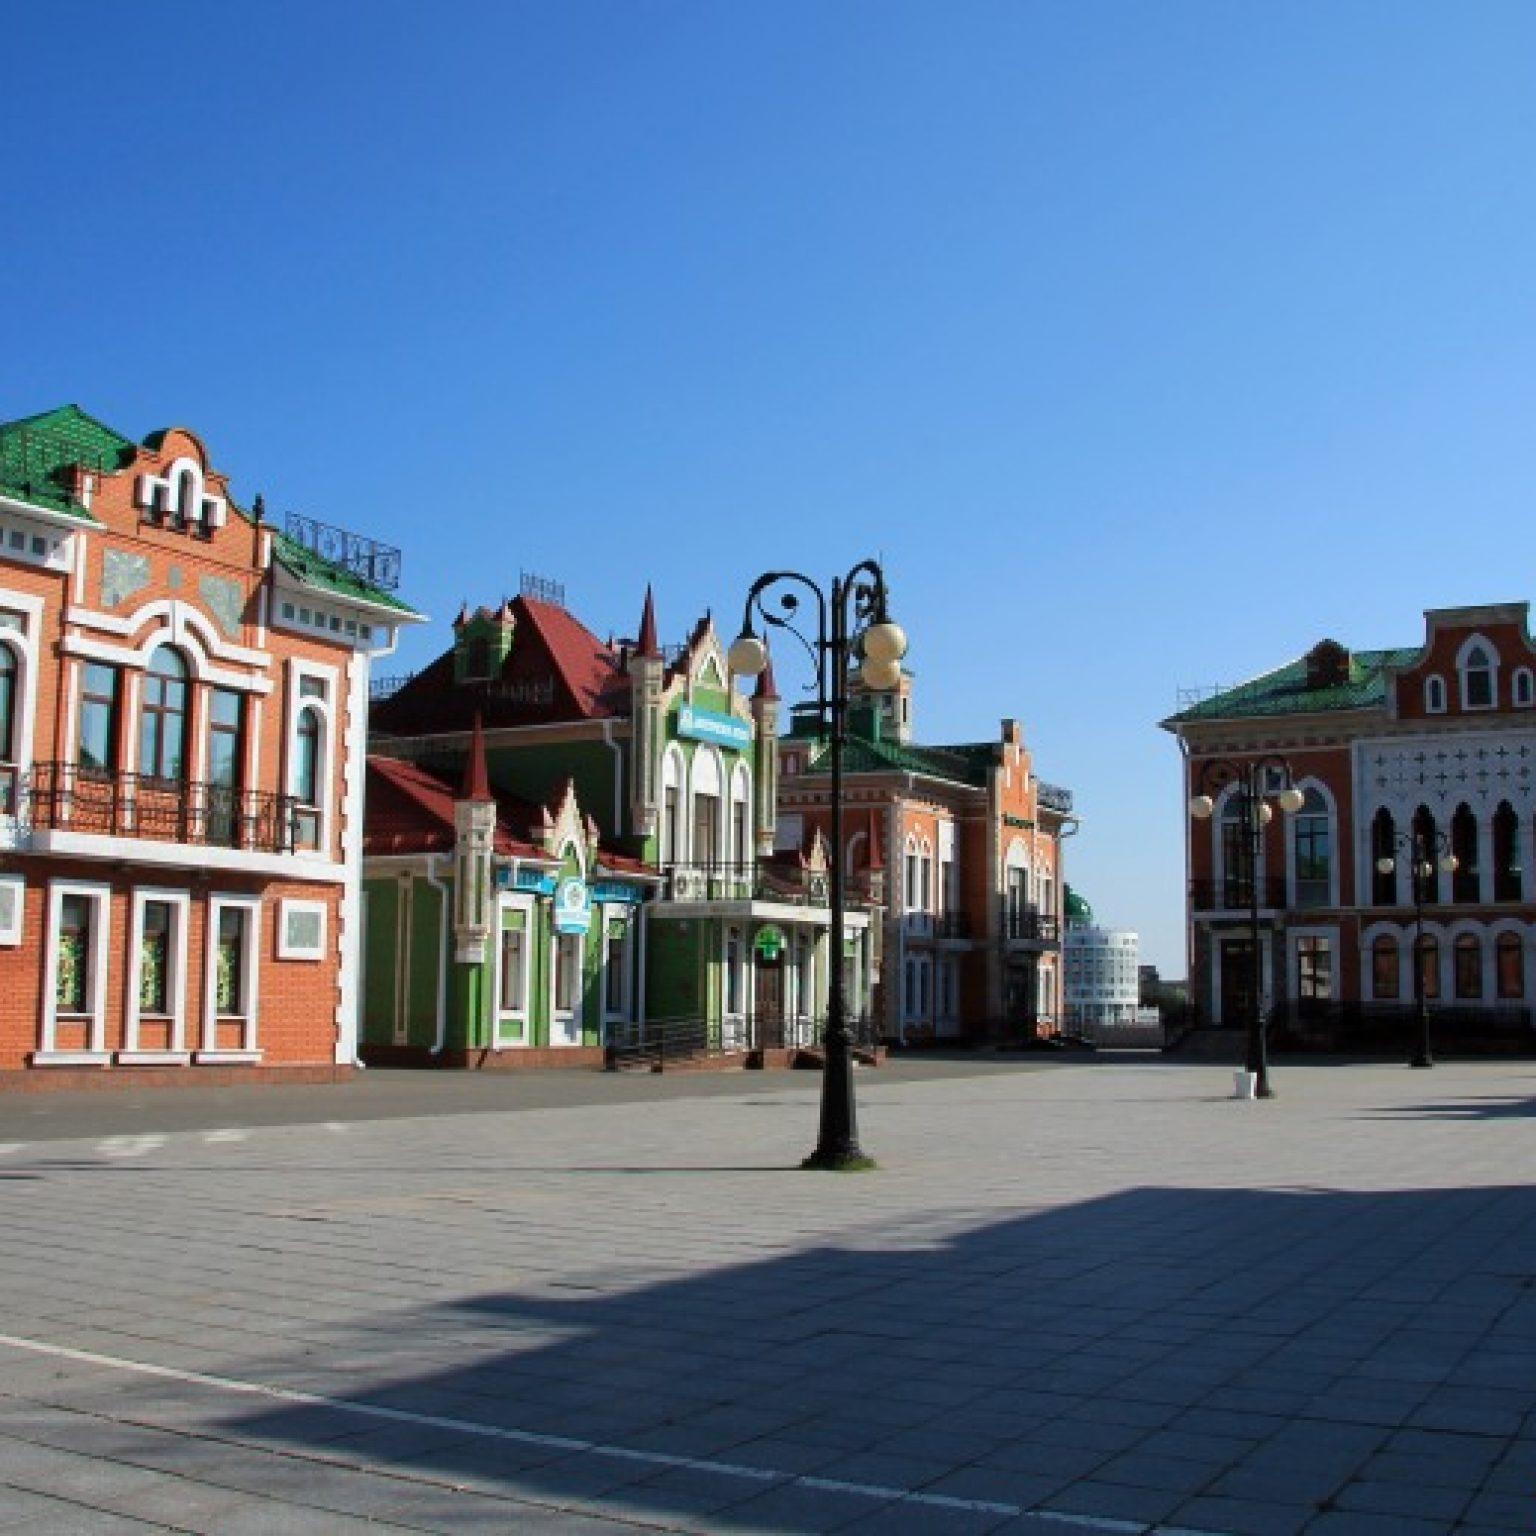 Достопримечательности Йошкар-Олы: Архангельская слобода